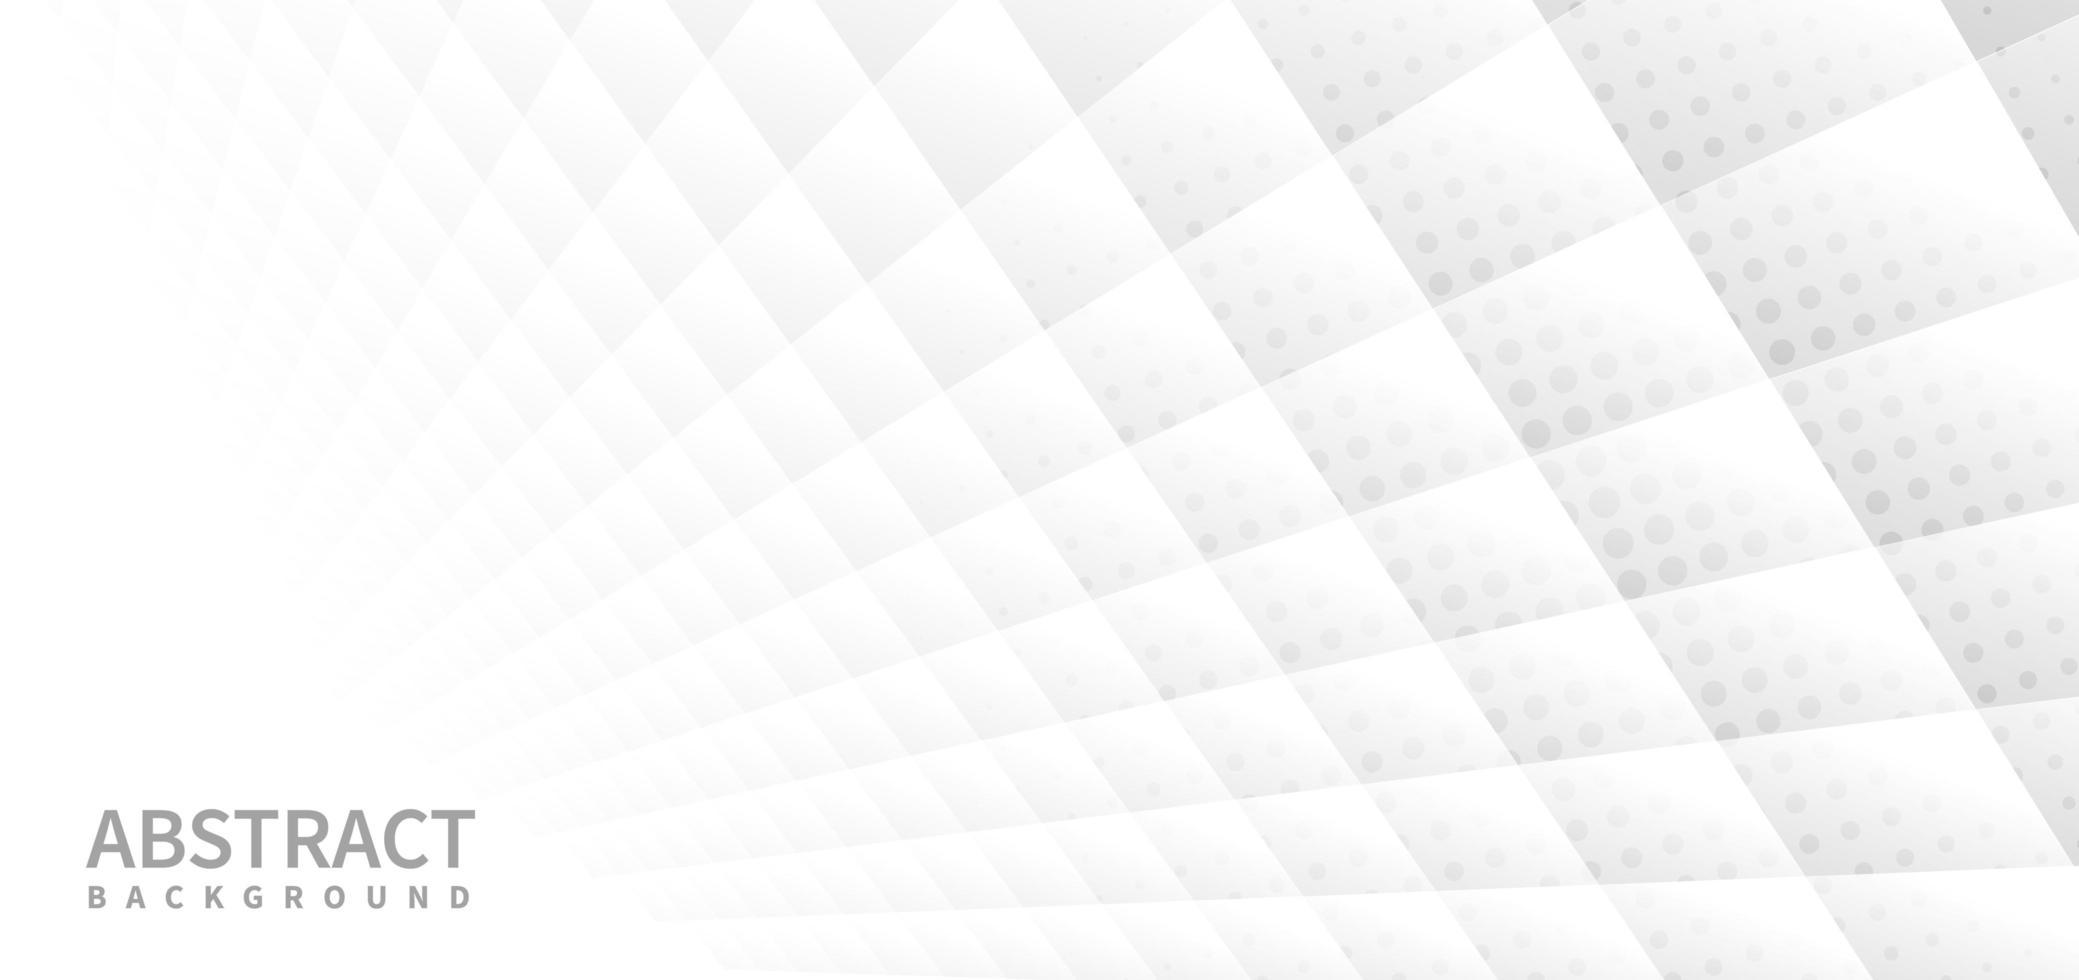 bannière abstraite avec fond de motif géométrique blanc vecteur